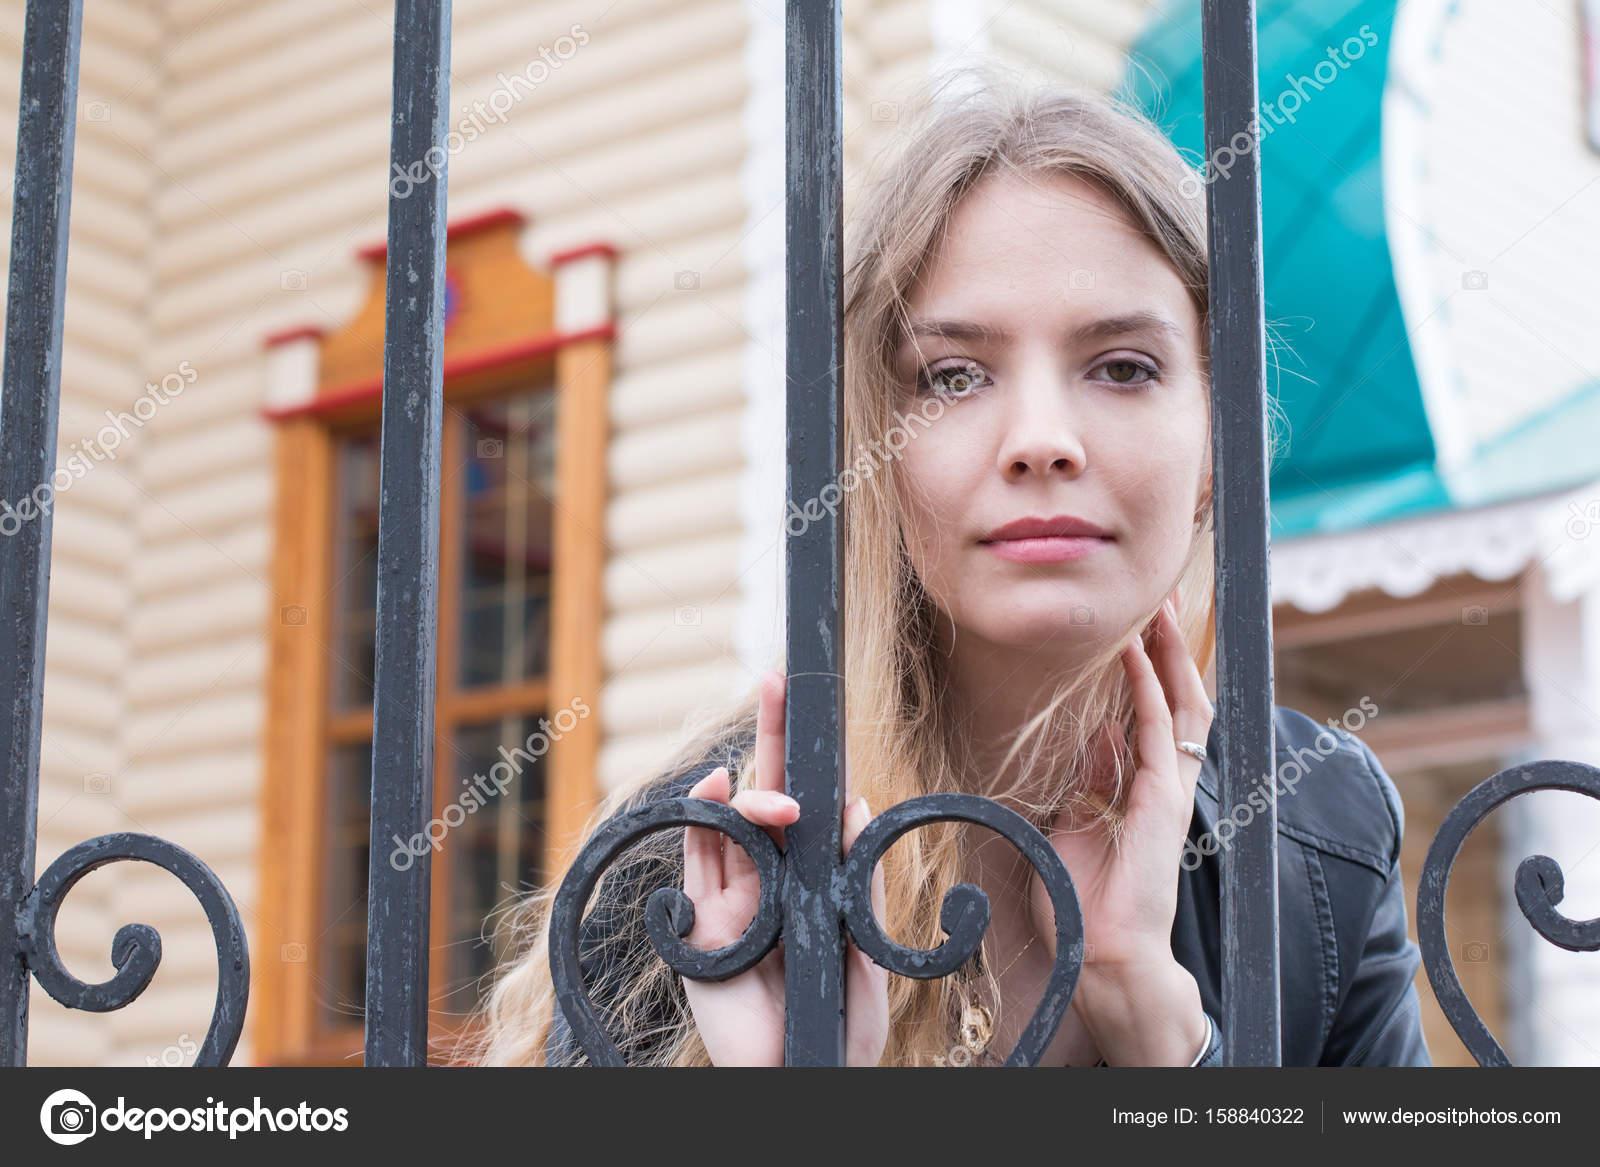 Gitter aus der Nähe